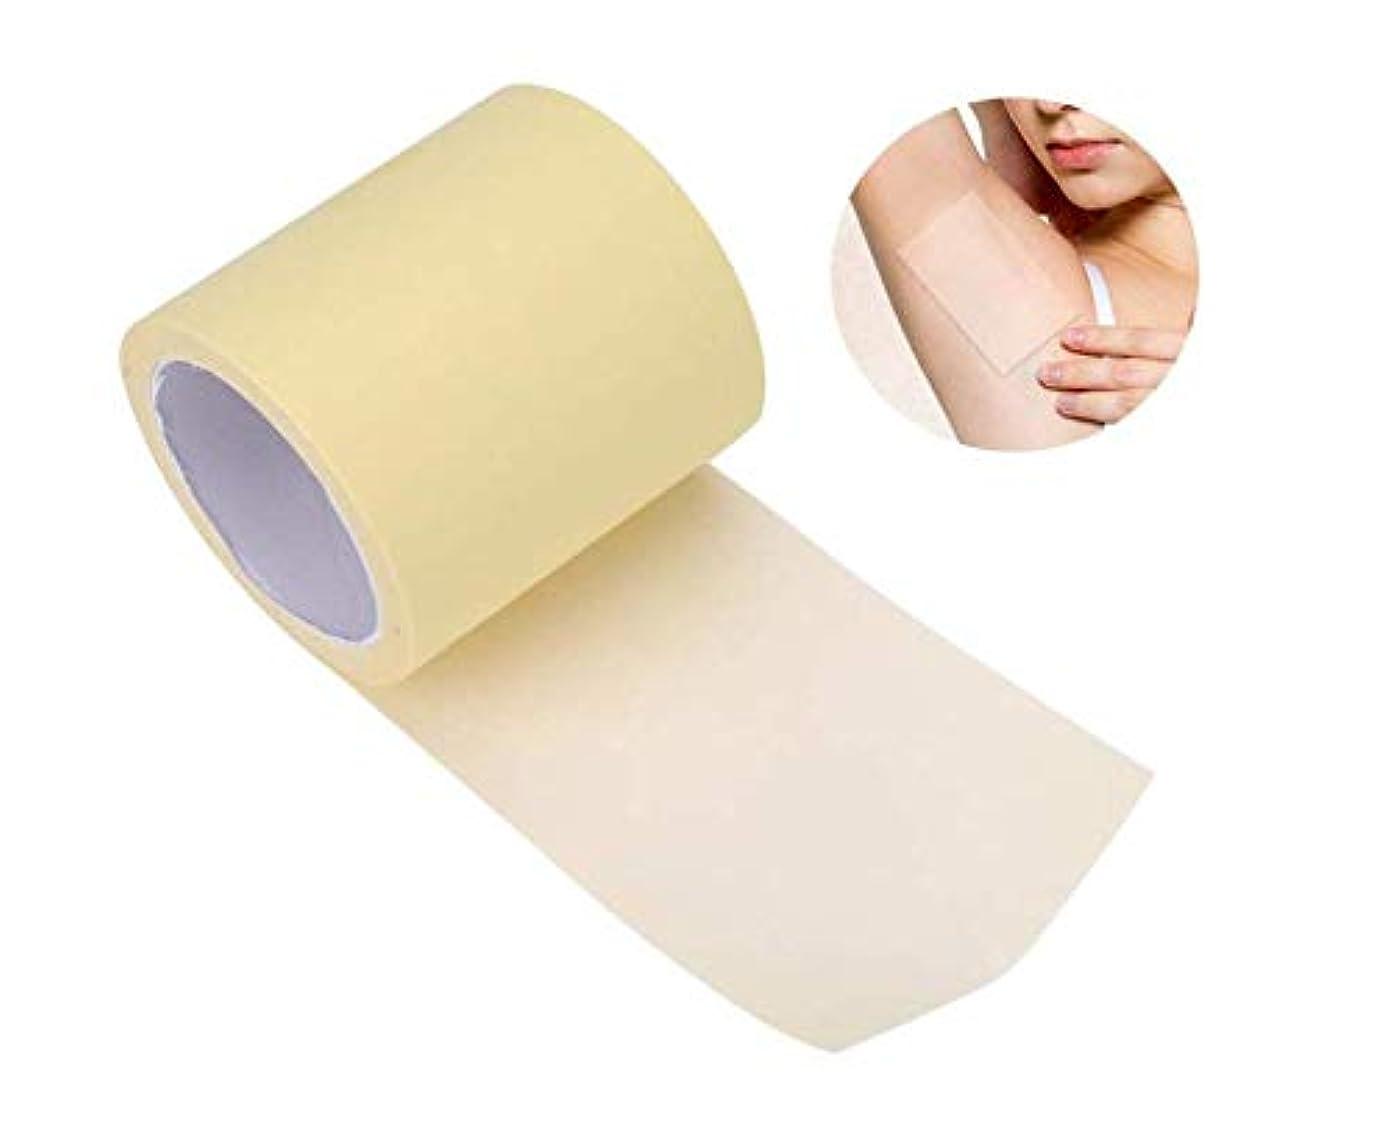 エンティティ想起存在Minmincats 脇の下汗パッド 汗止めパッド 皮膚に優しい 脇の汗染み防止 抗菌加工 皮膚に優しい 男性/女性対応 透明 全長6m